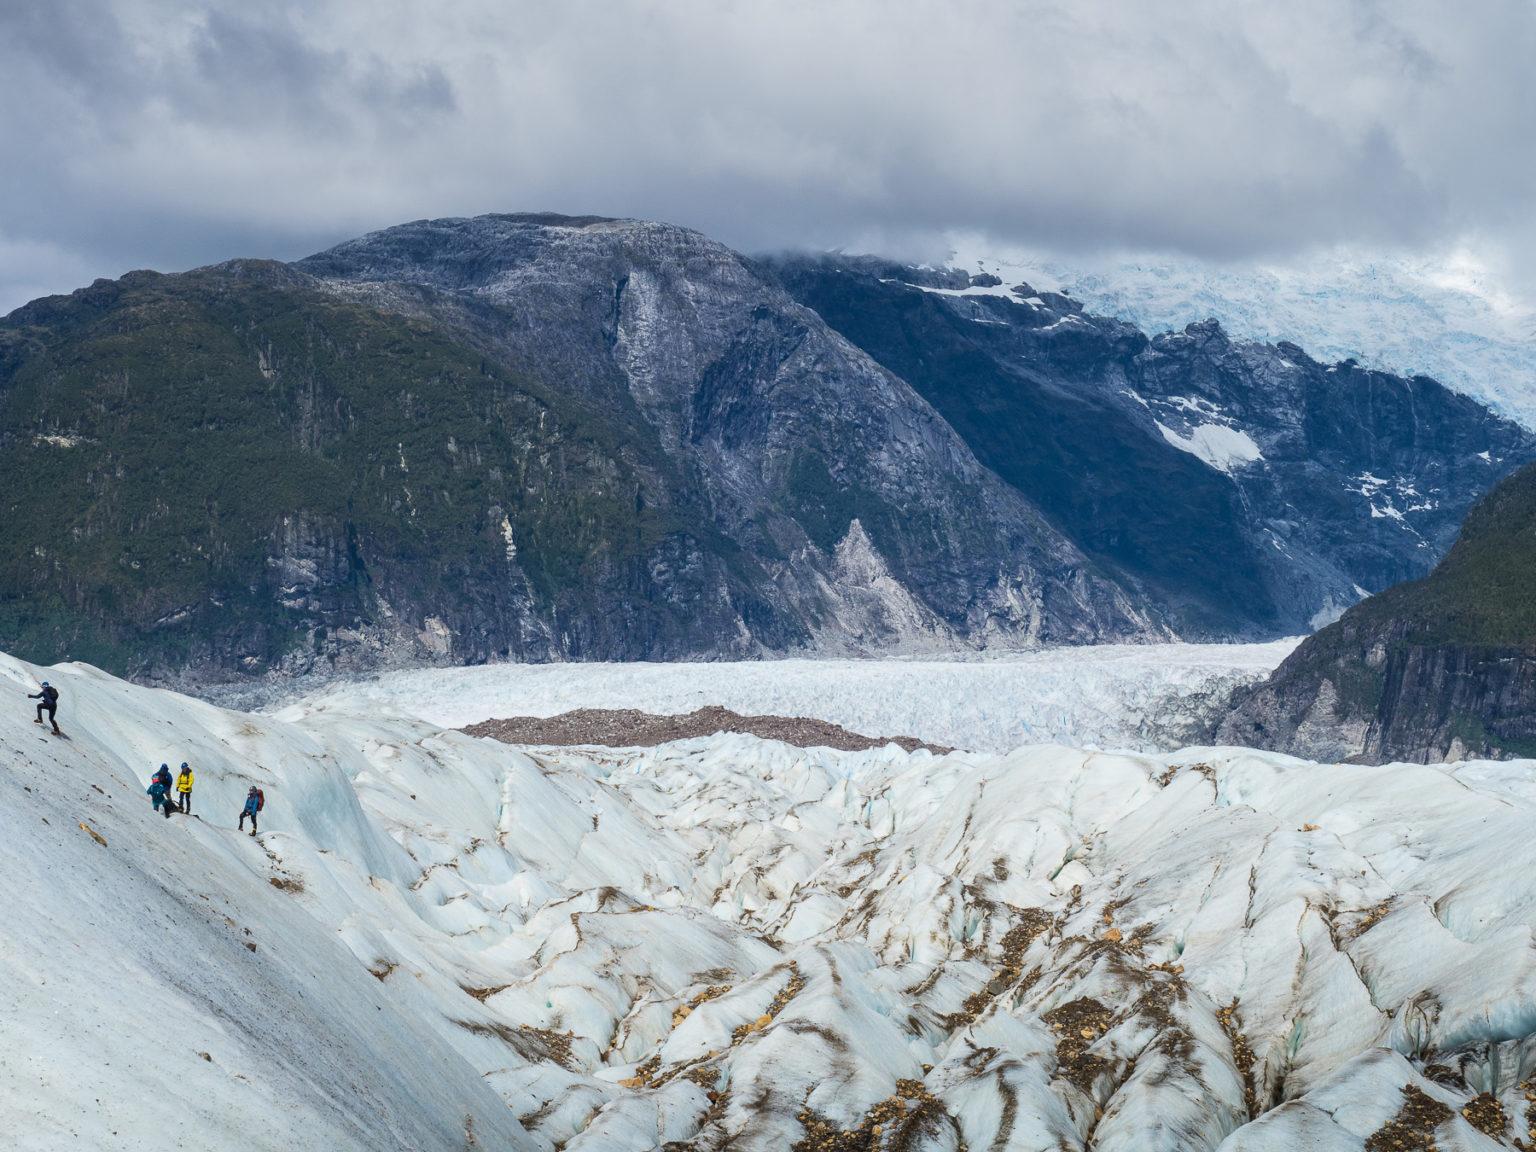 Mit Steigeisen geht es im Gänsemarsch für zwei Stunden auf das zerfurchte Eis.